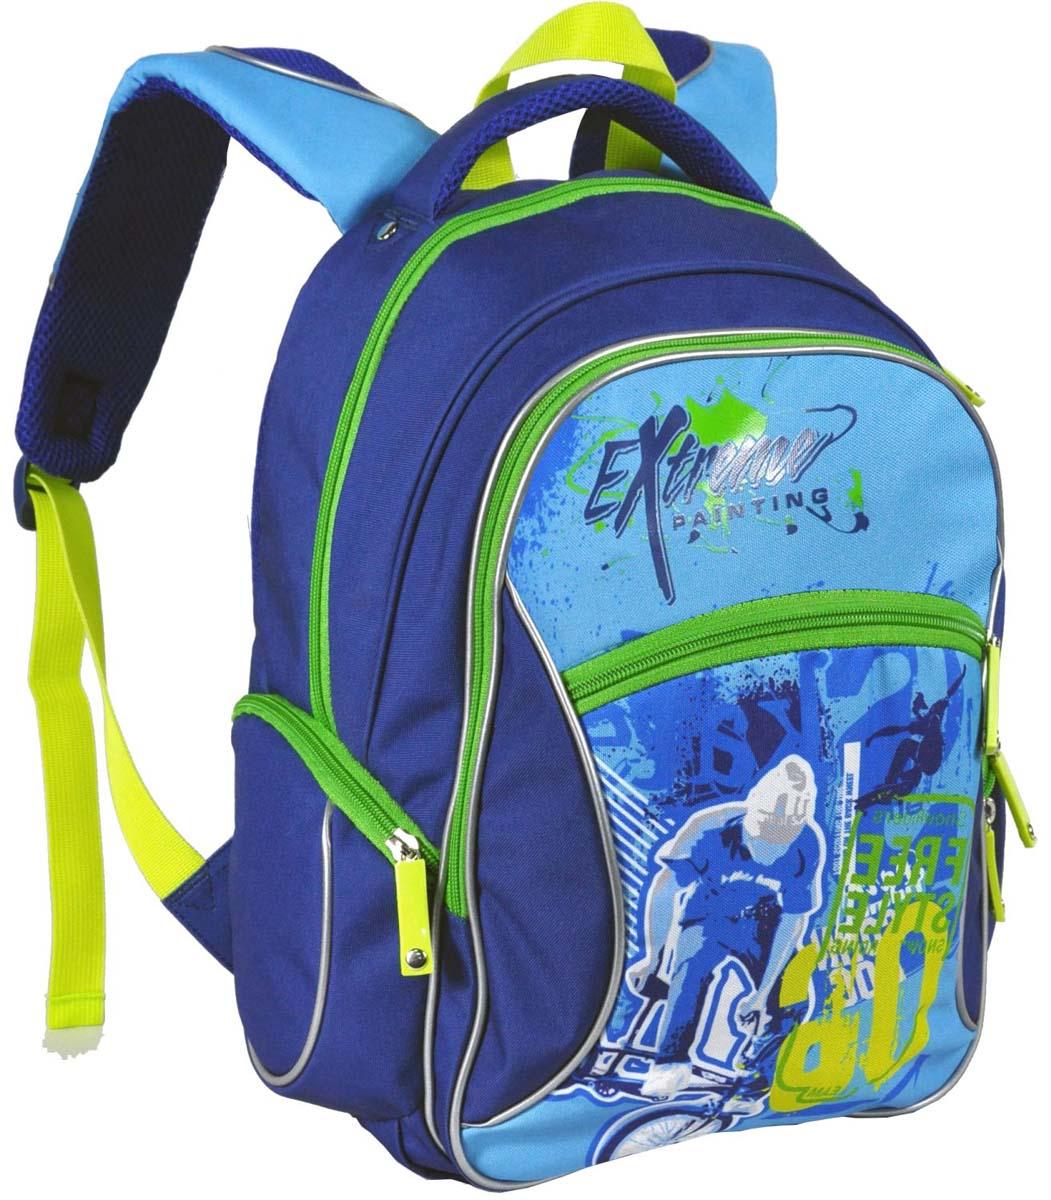 Рюкзак ErichKrause erichkrause erichkrause школьный рюкзак софия прекрасная морское приключение